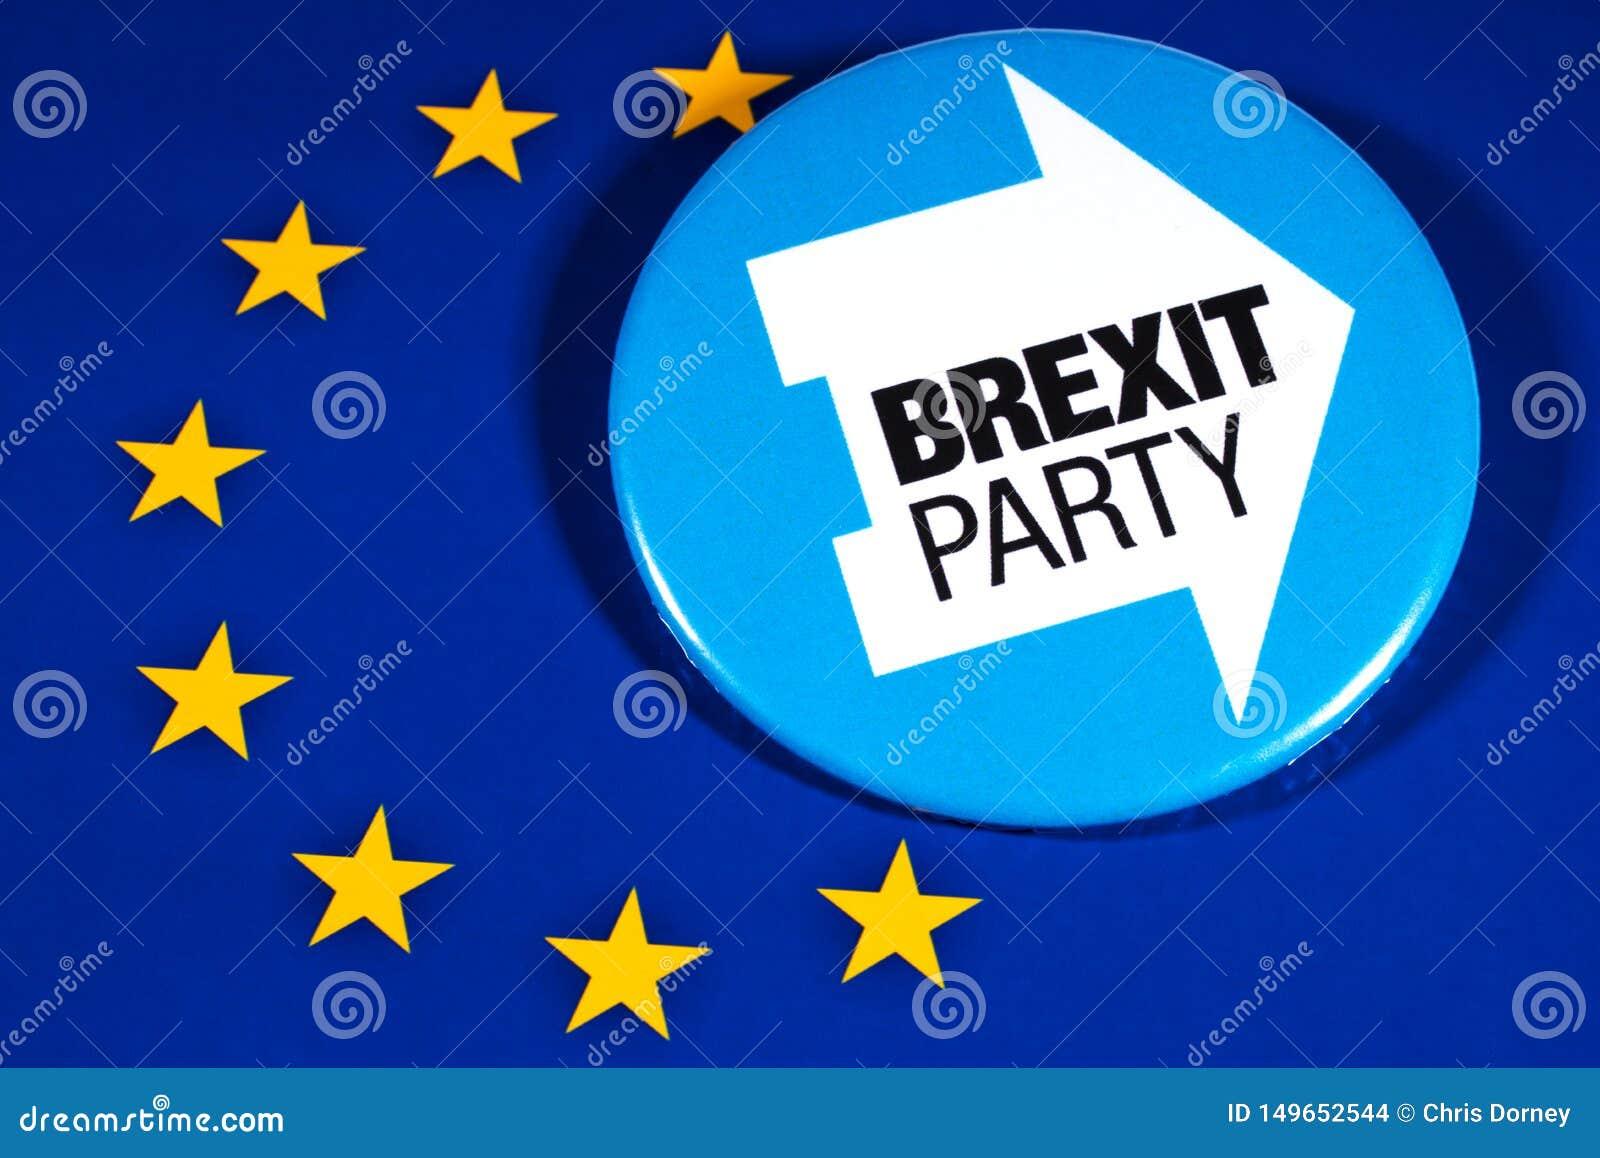 Brexit党商标和欧盟旗子